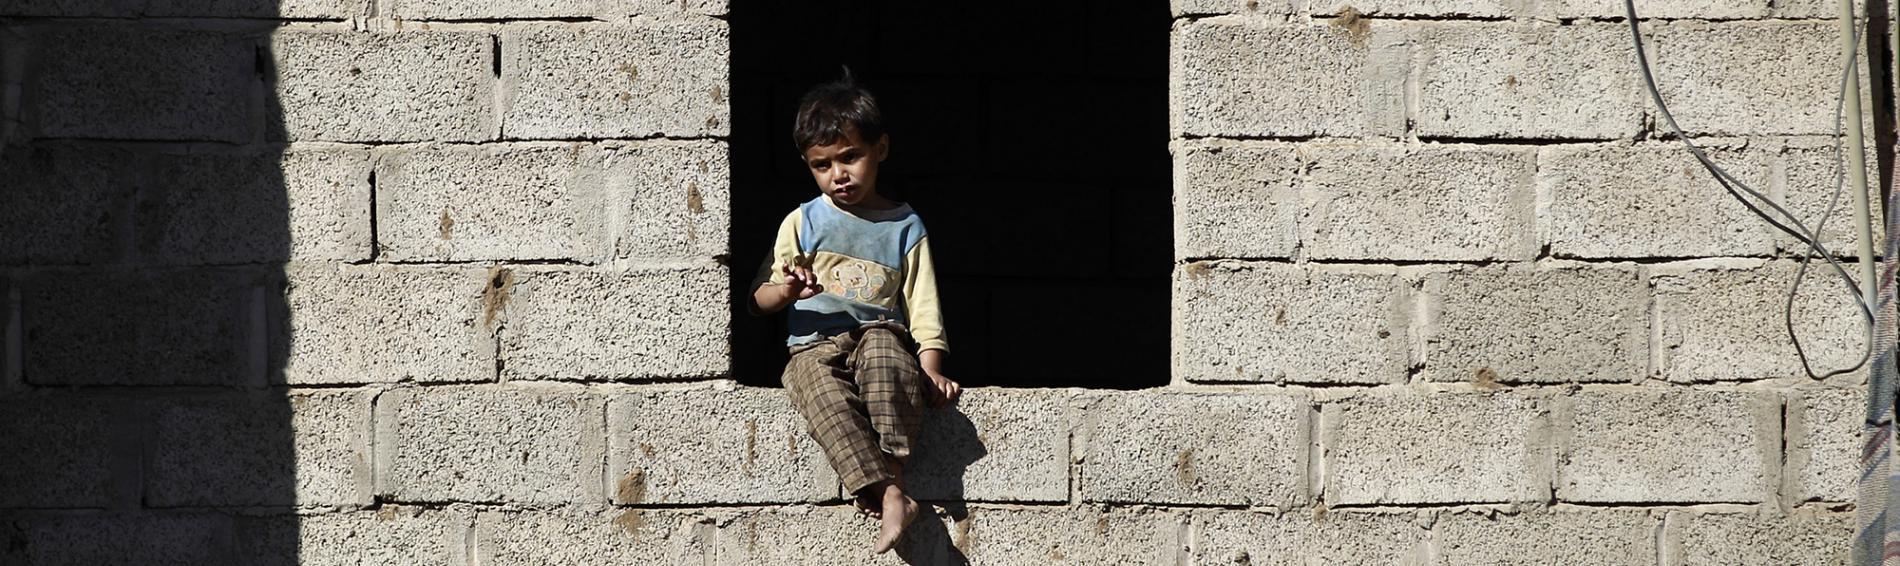 Ein Junge im Jemen. Foto: Reuters